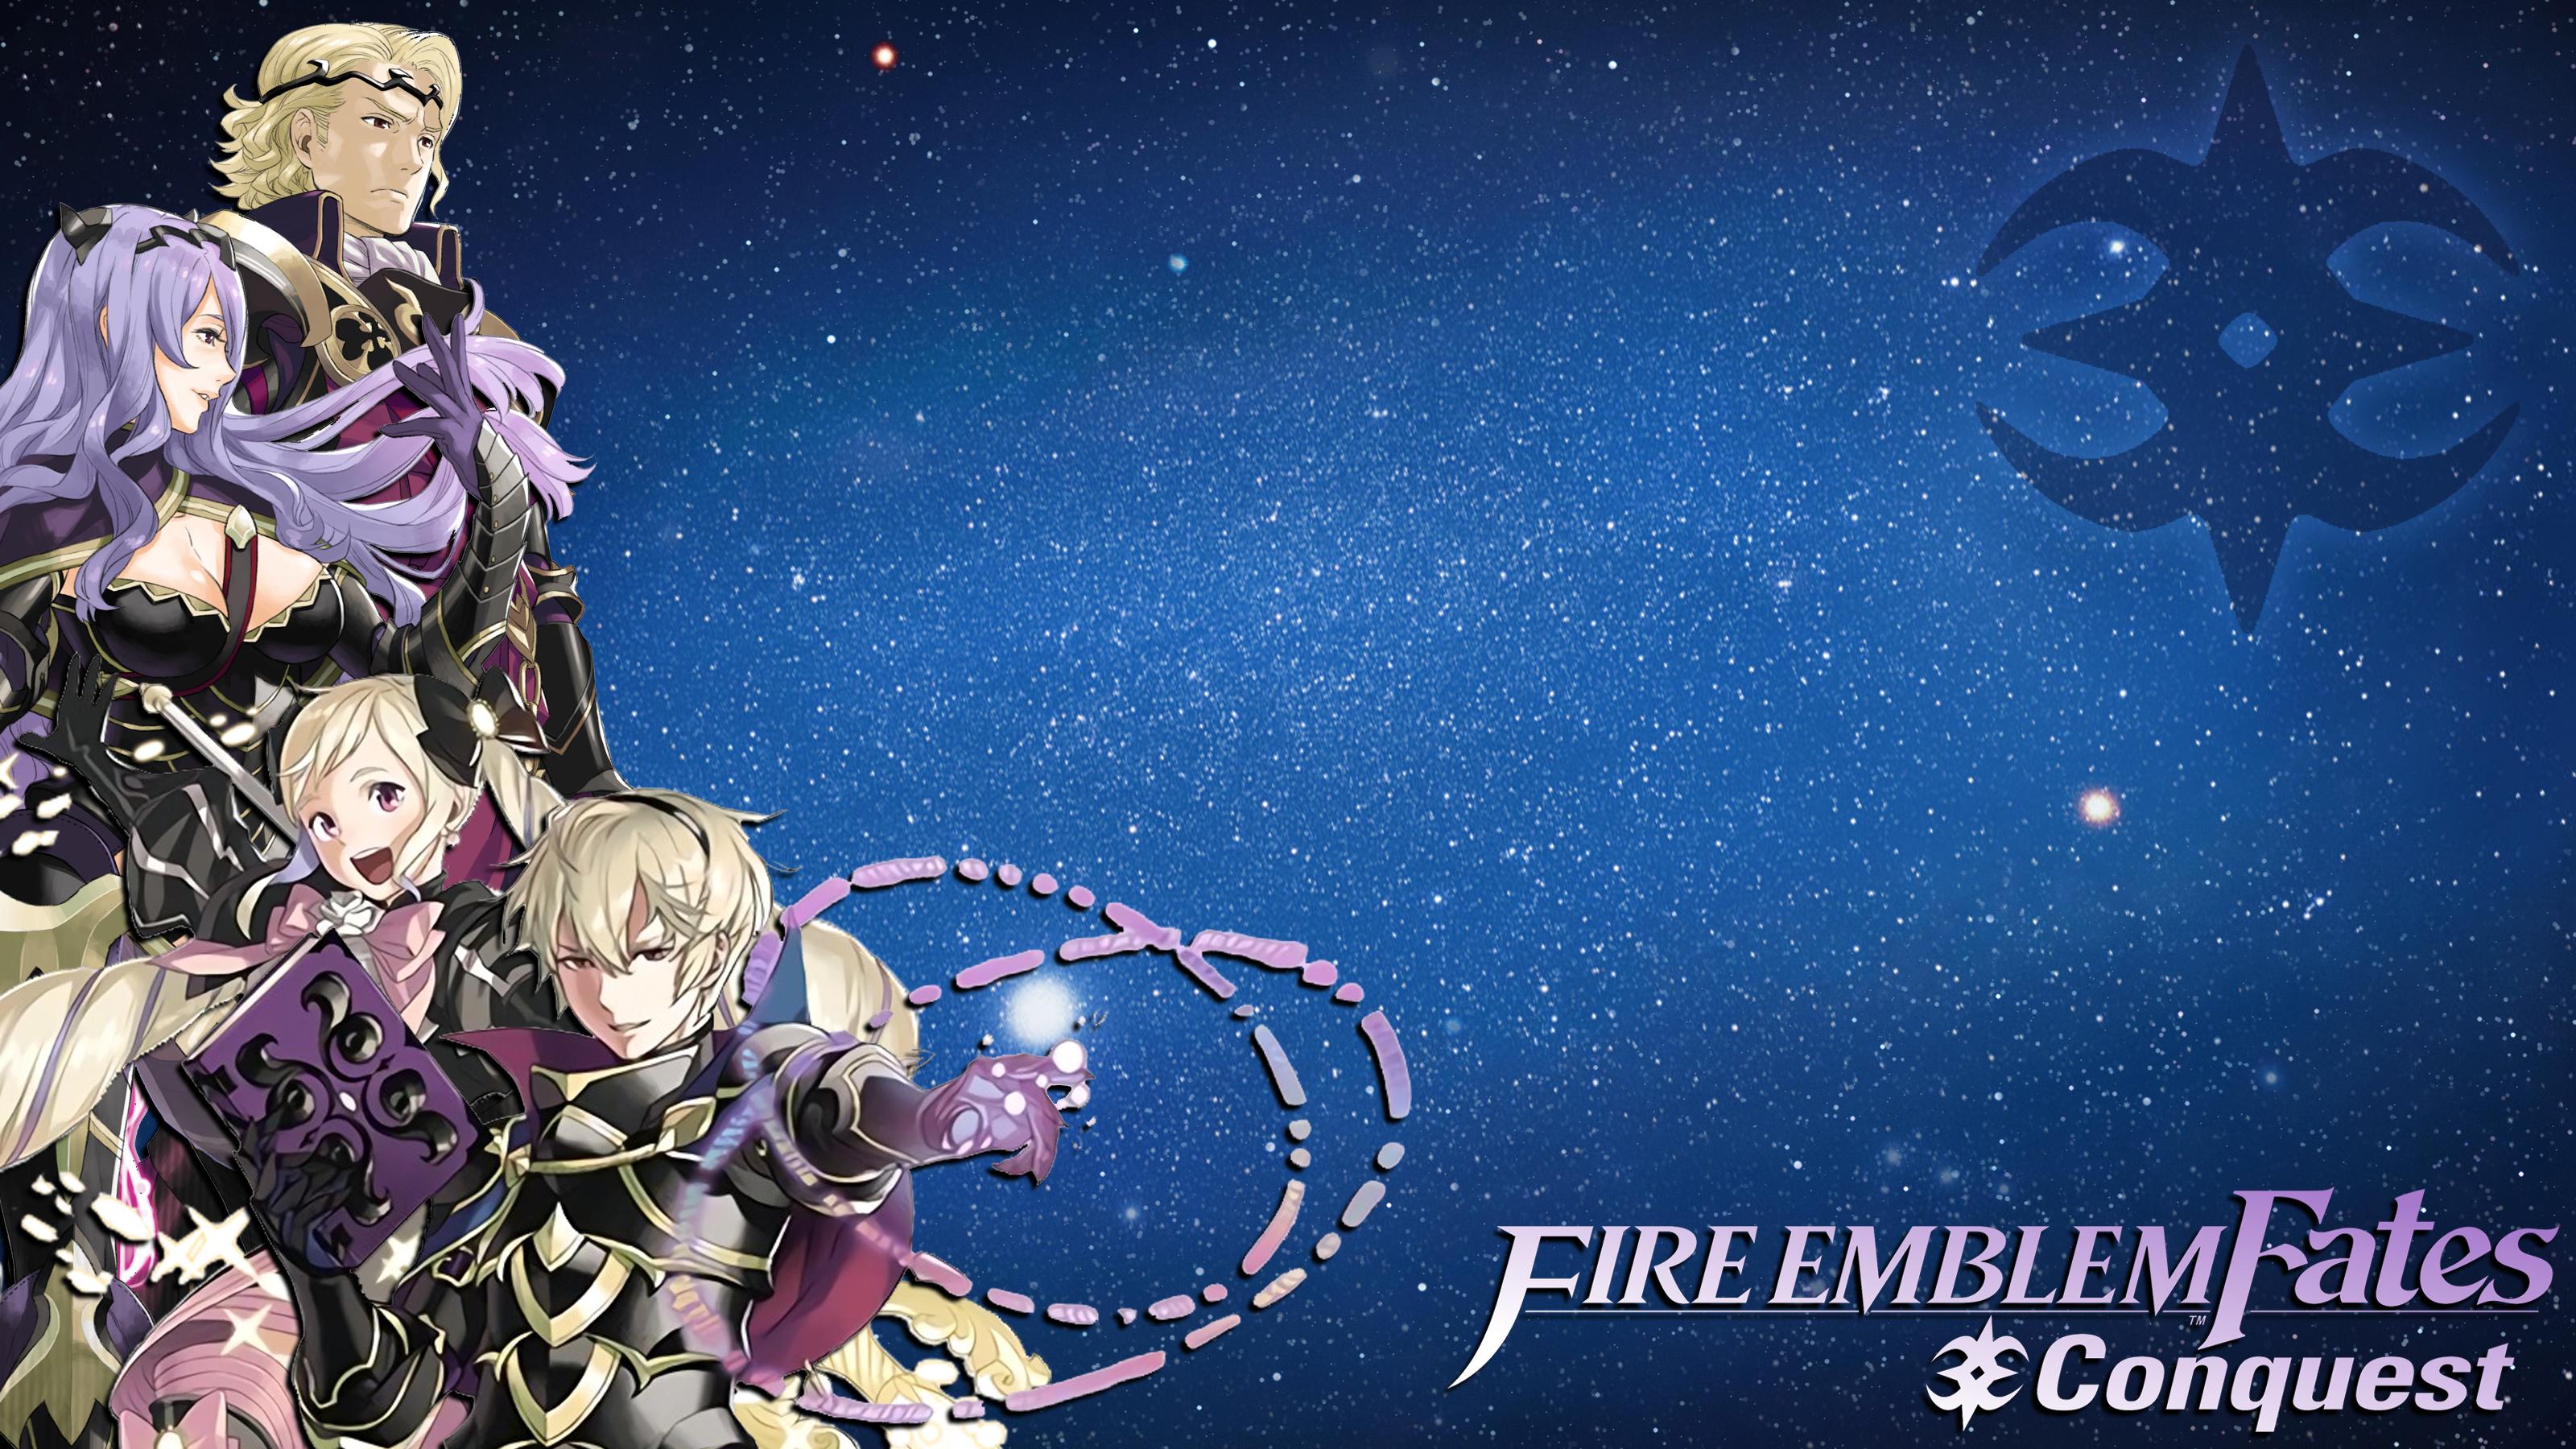 Fire Emblem Desktop Wallpaper: 4 Elise (Fire Emblem) HD Wallpapers